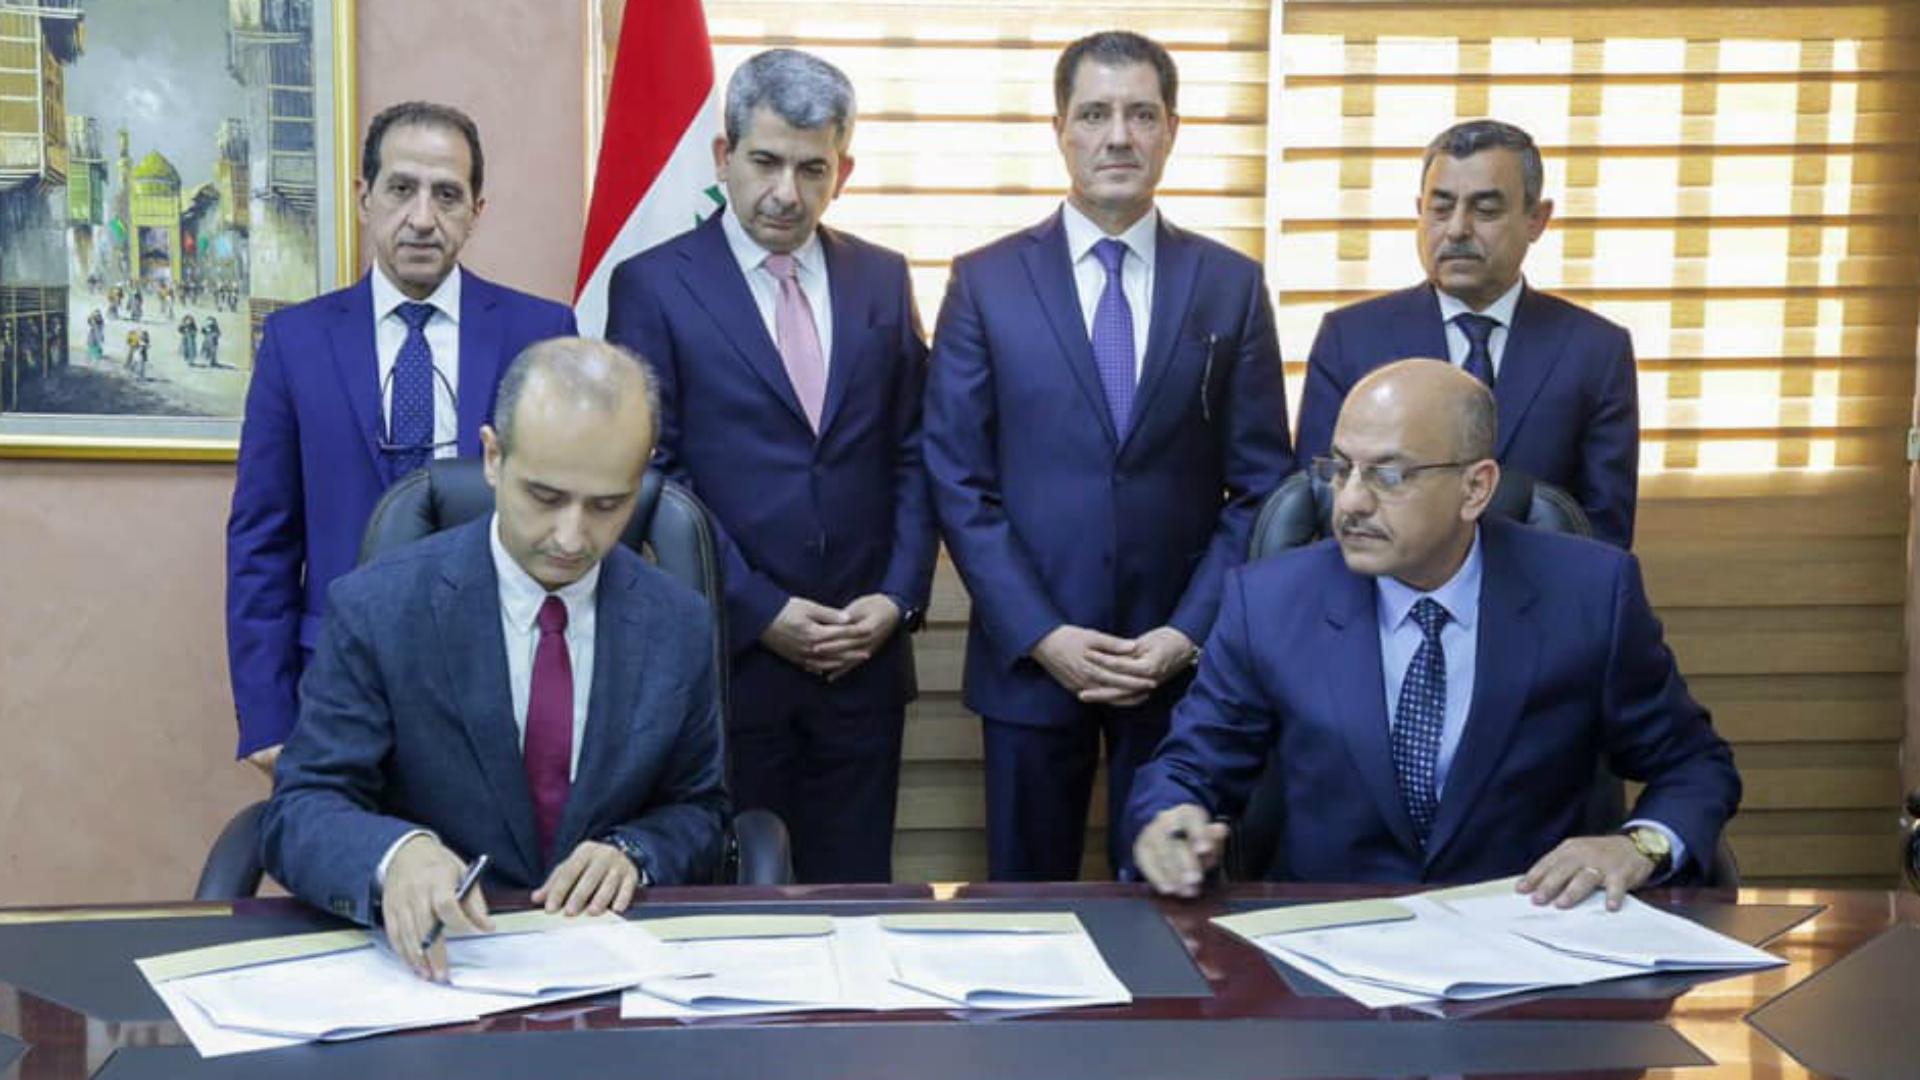 العراق والأمم المتحدة يوقعان اتفاقاً لدعم التعداد السكاني